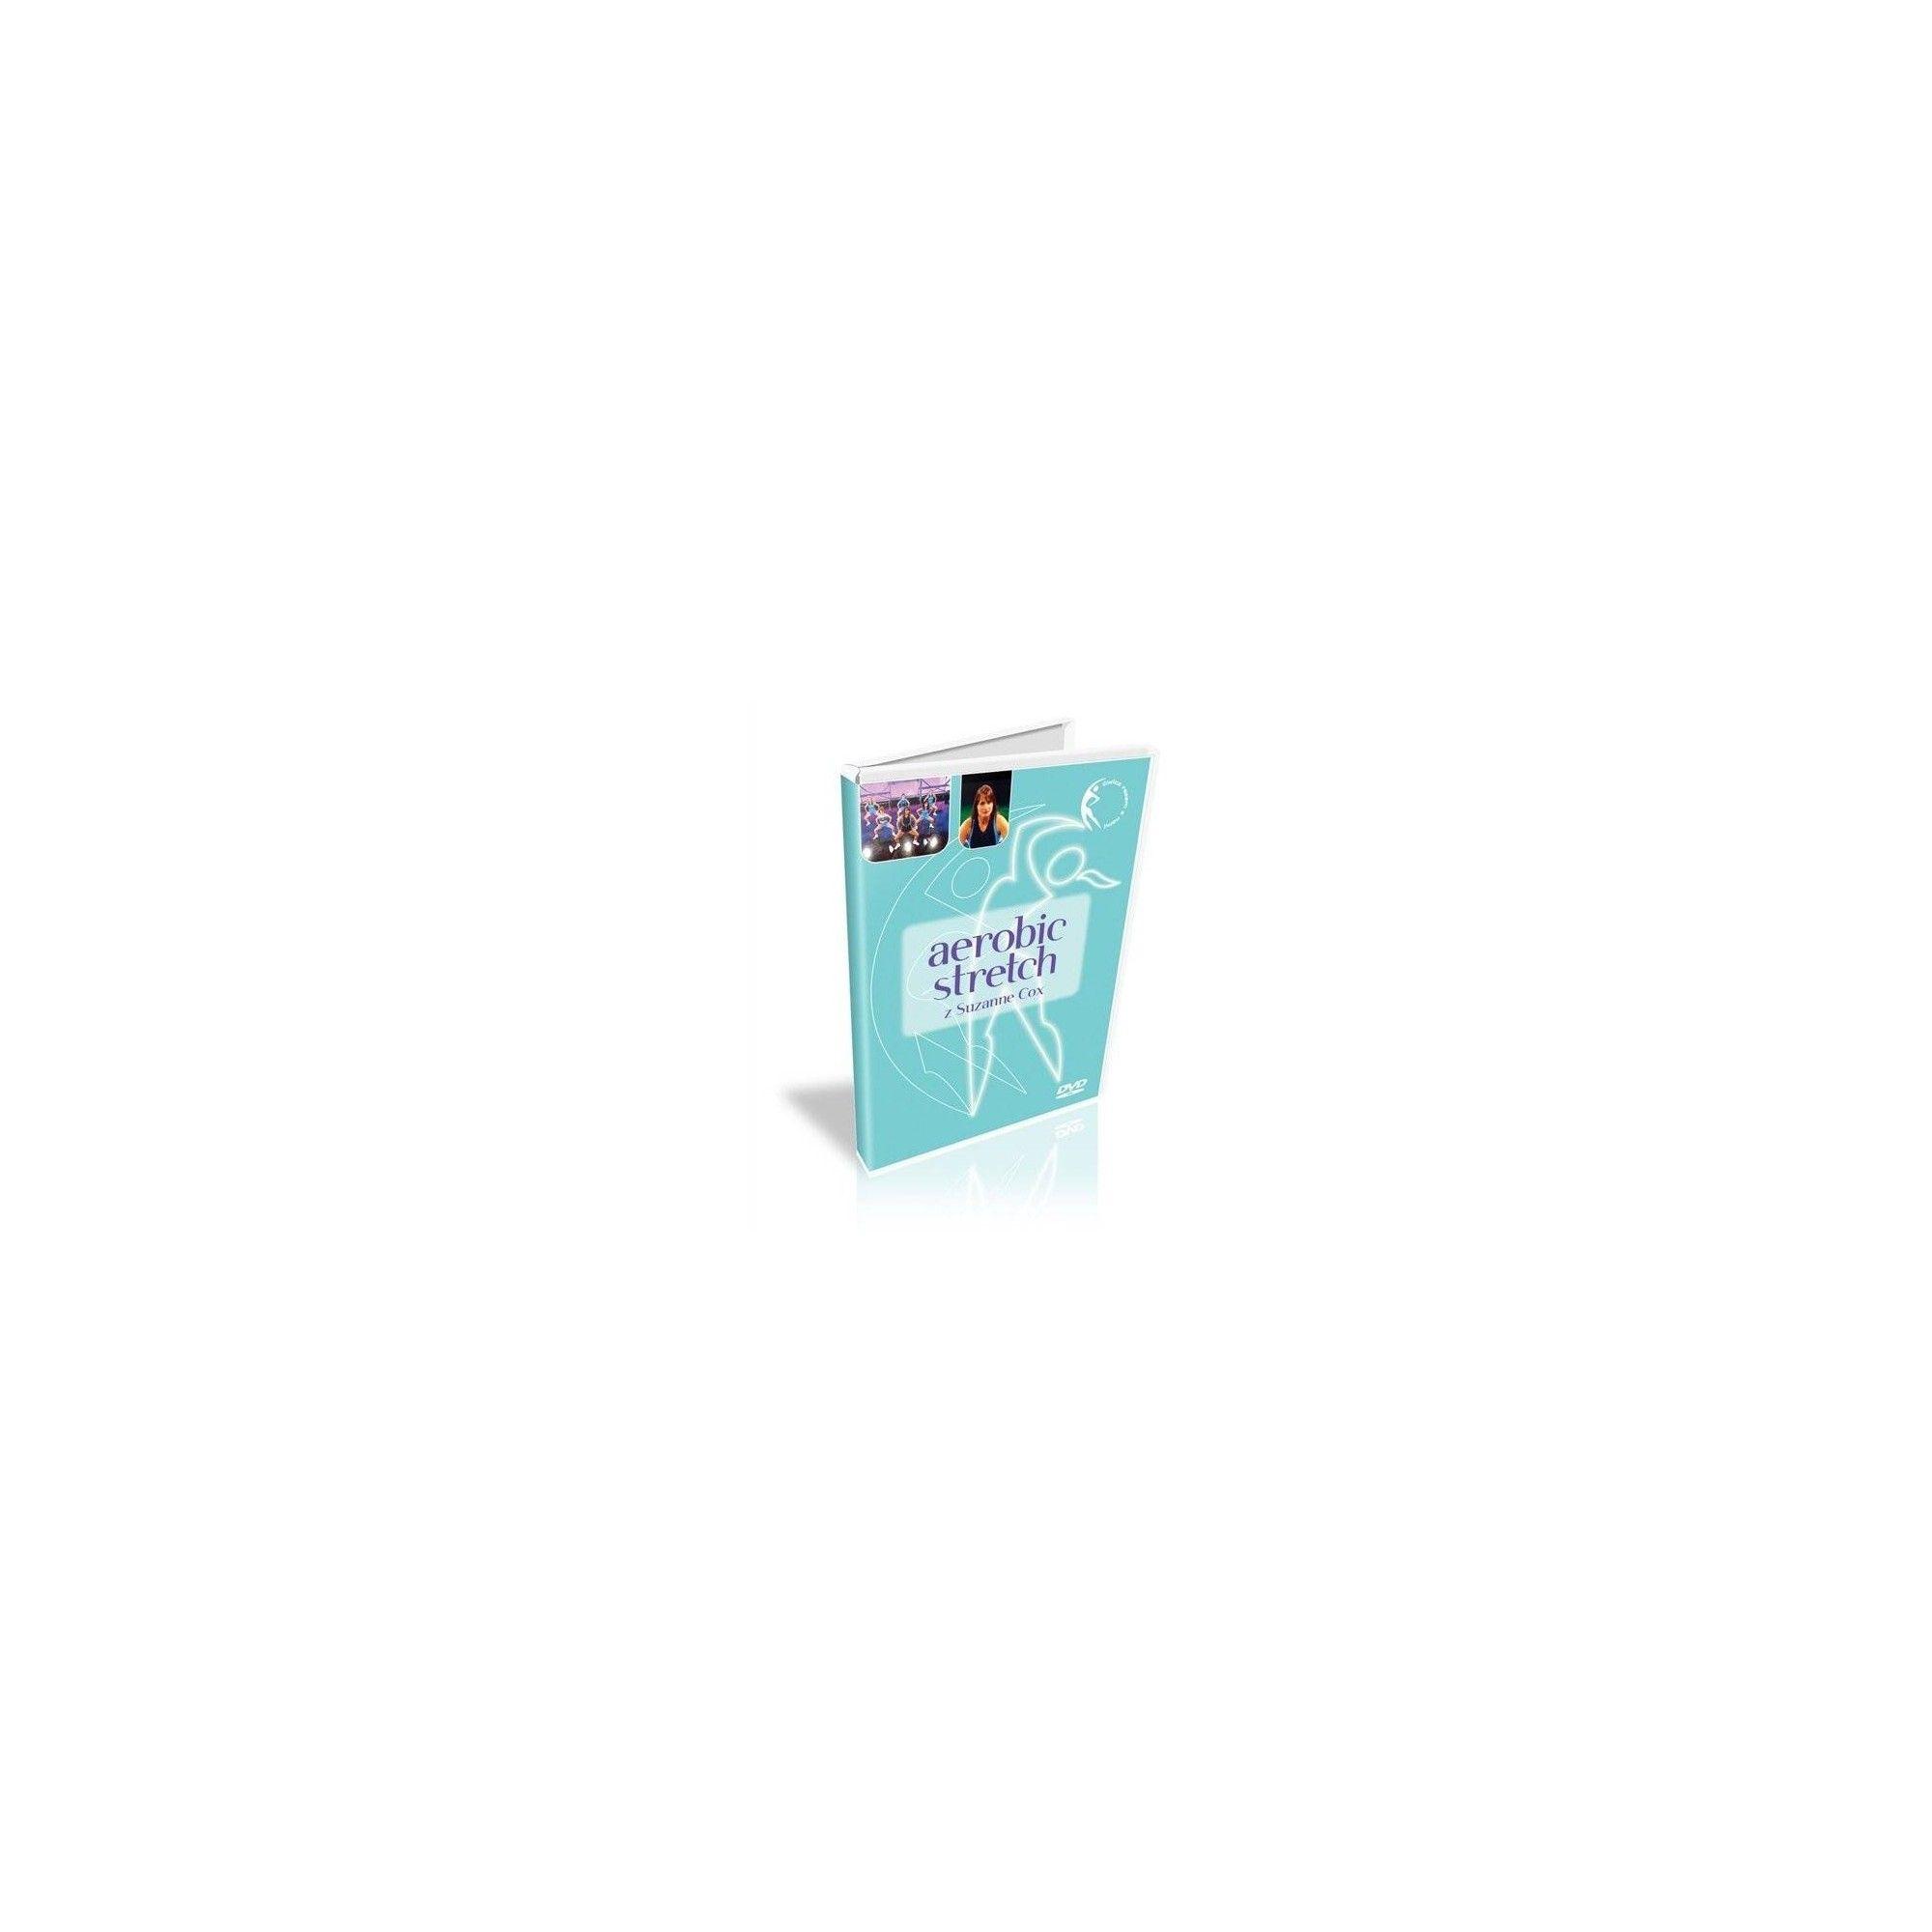 Ćwiczenia instruktażowe DVD Aerobik Stretch z Suzanne Cox,producent: MayFly, zdjecie photo: 1 | klubfitness.pl | sprzęt sportowy